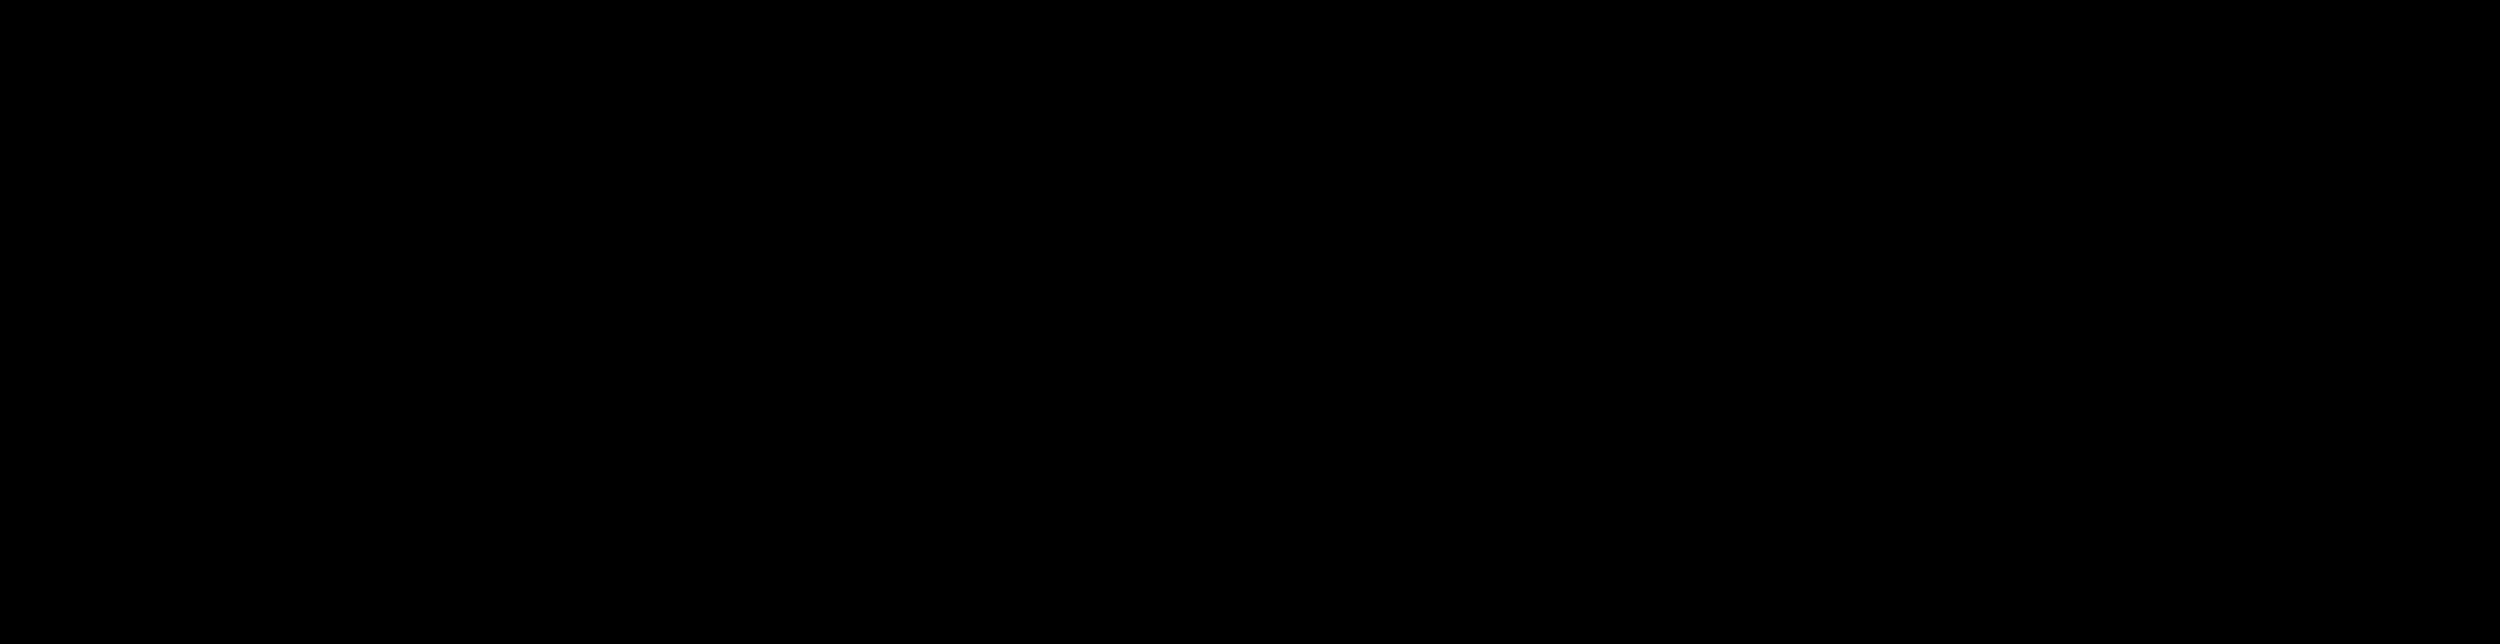 Stradivarius_logo_logotype.png